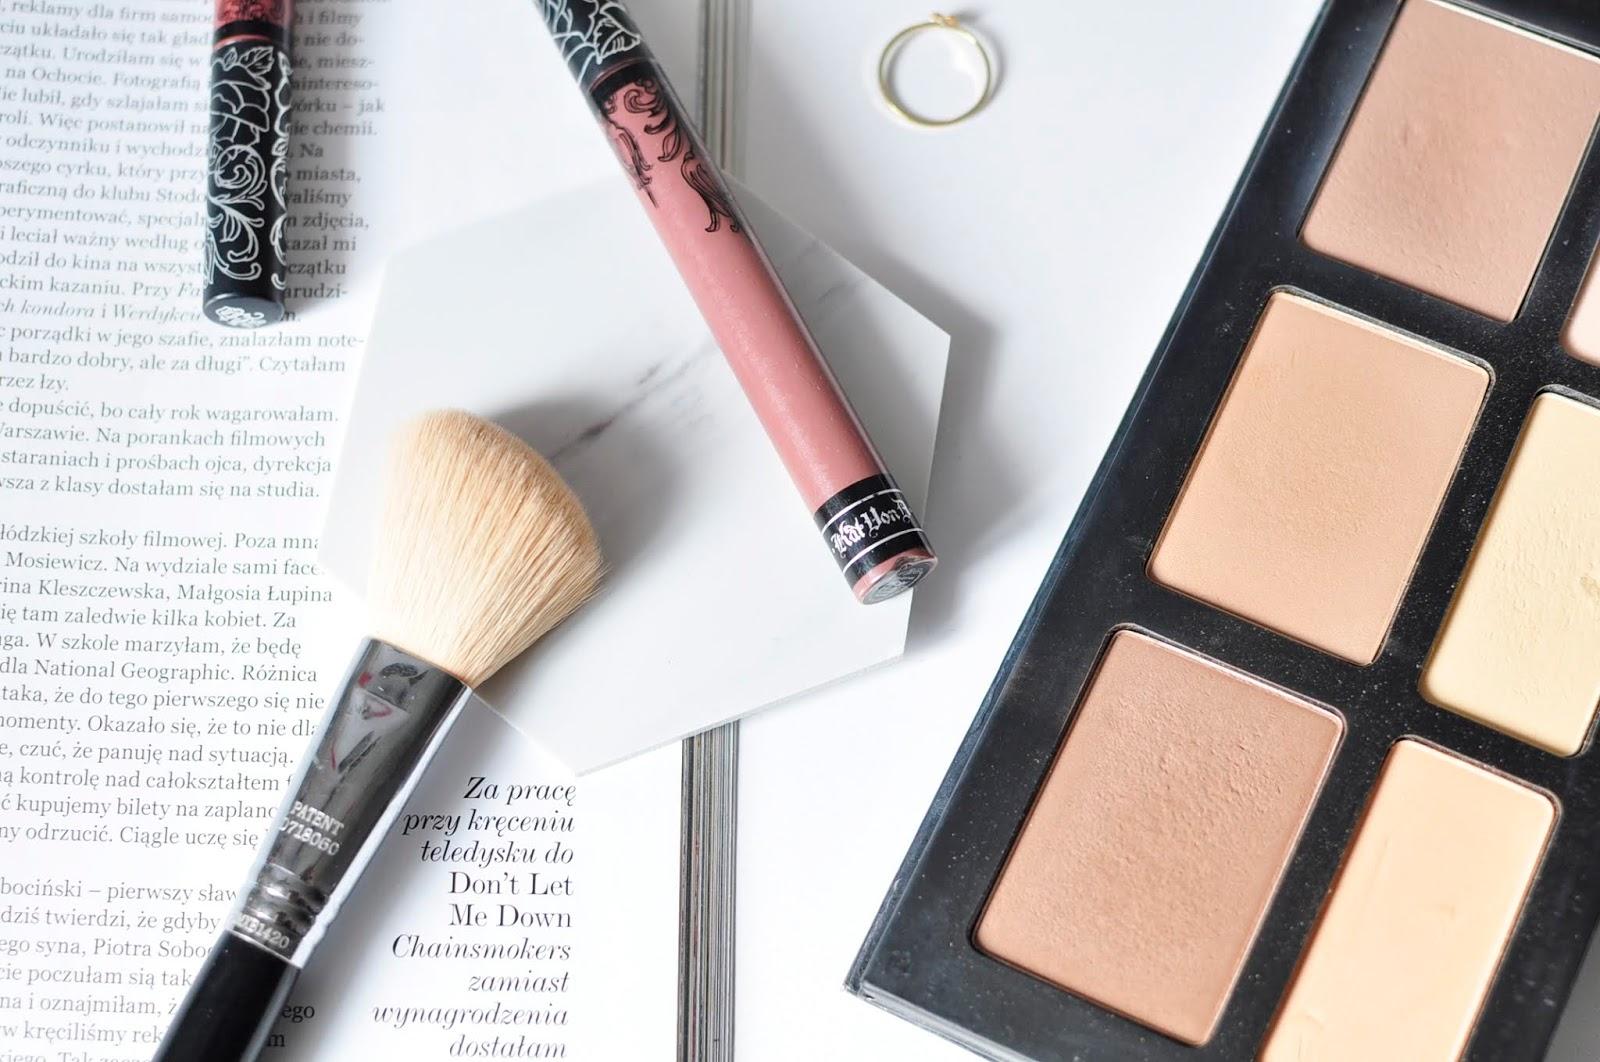 #oszczędzamy, czyli tańsze zamienniki drogich produktów | Everlasting Liquid Lipstick - Sanctuary KAT VON D